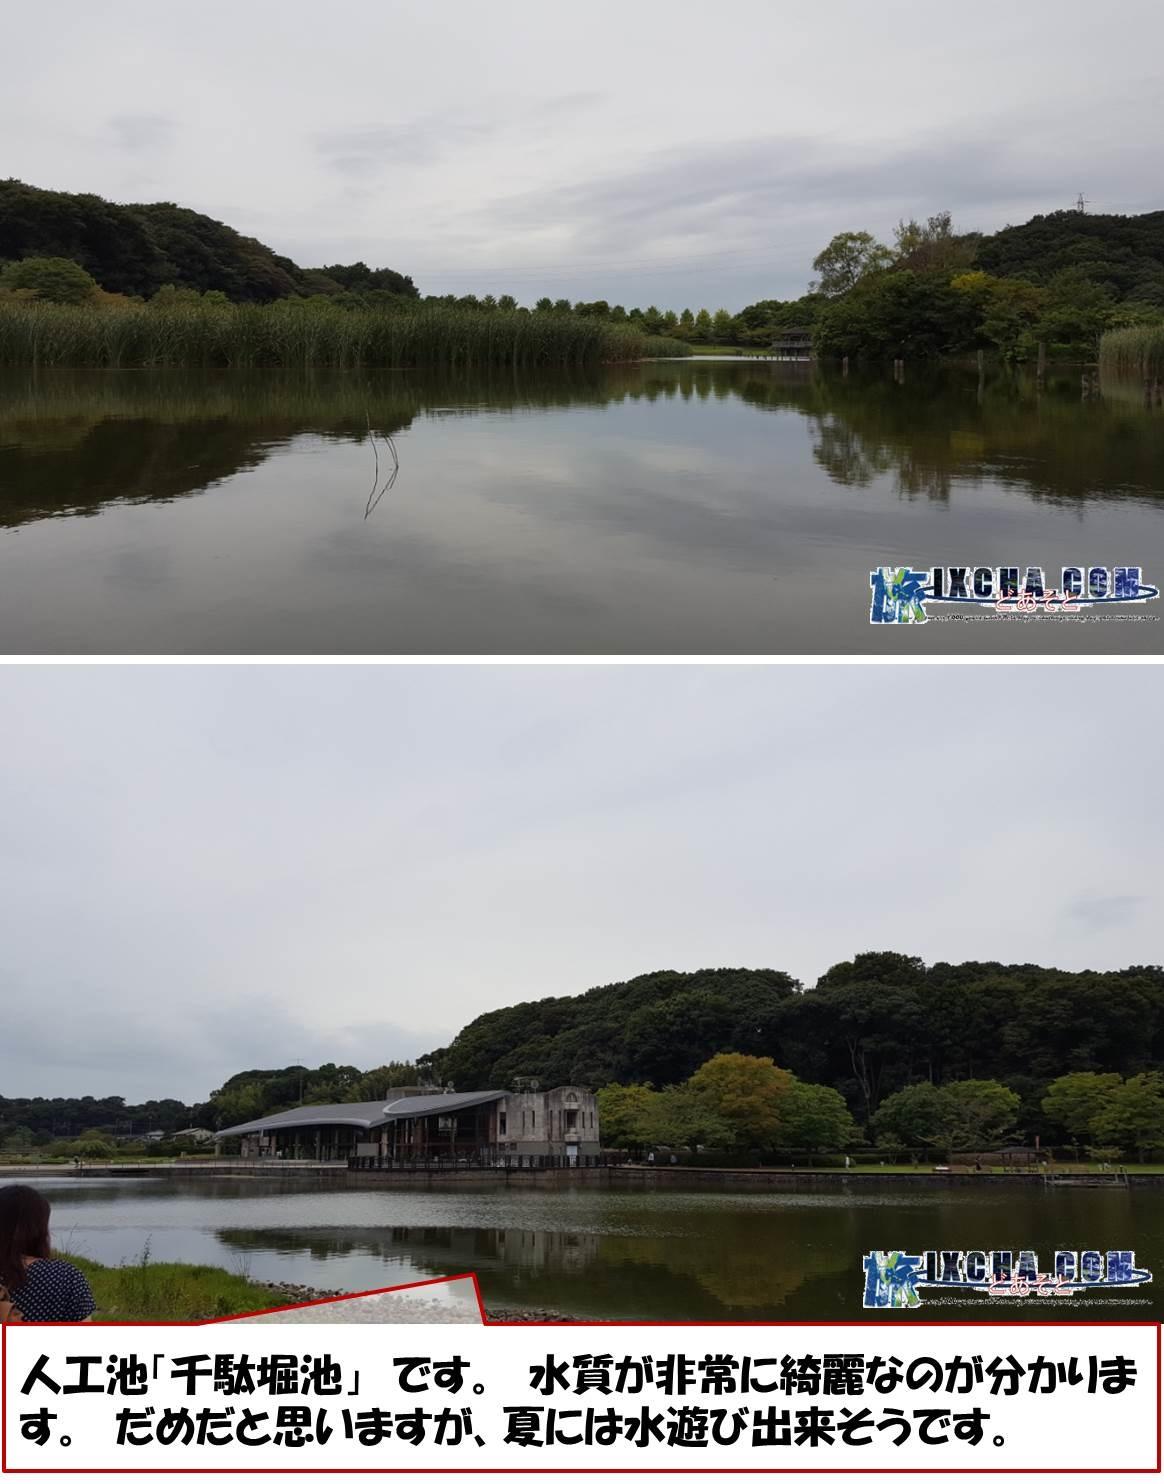 人工池「千駄堀池」 です。 水質が非常に綺麗なのが分かります。 だめだと思いますが、夏には水遊び出来そうです。